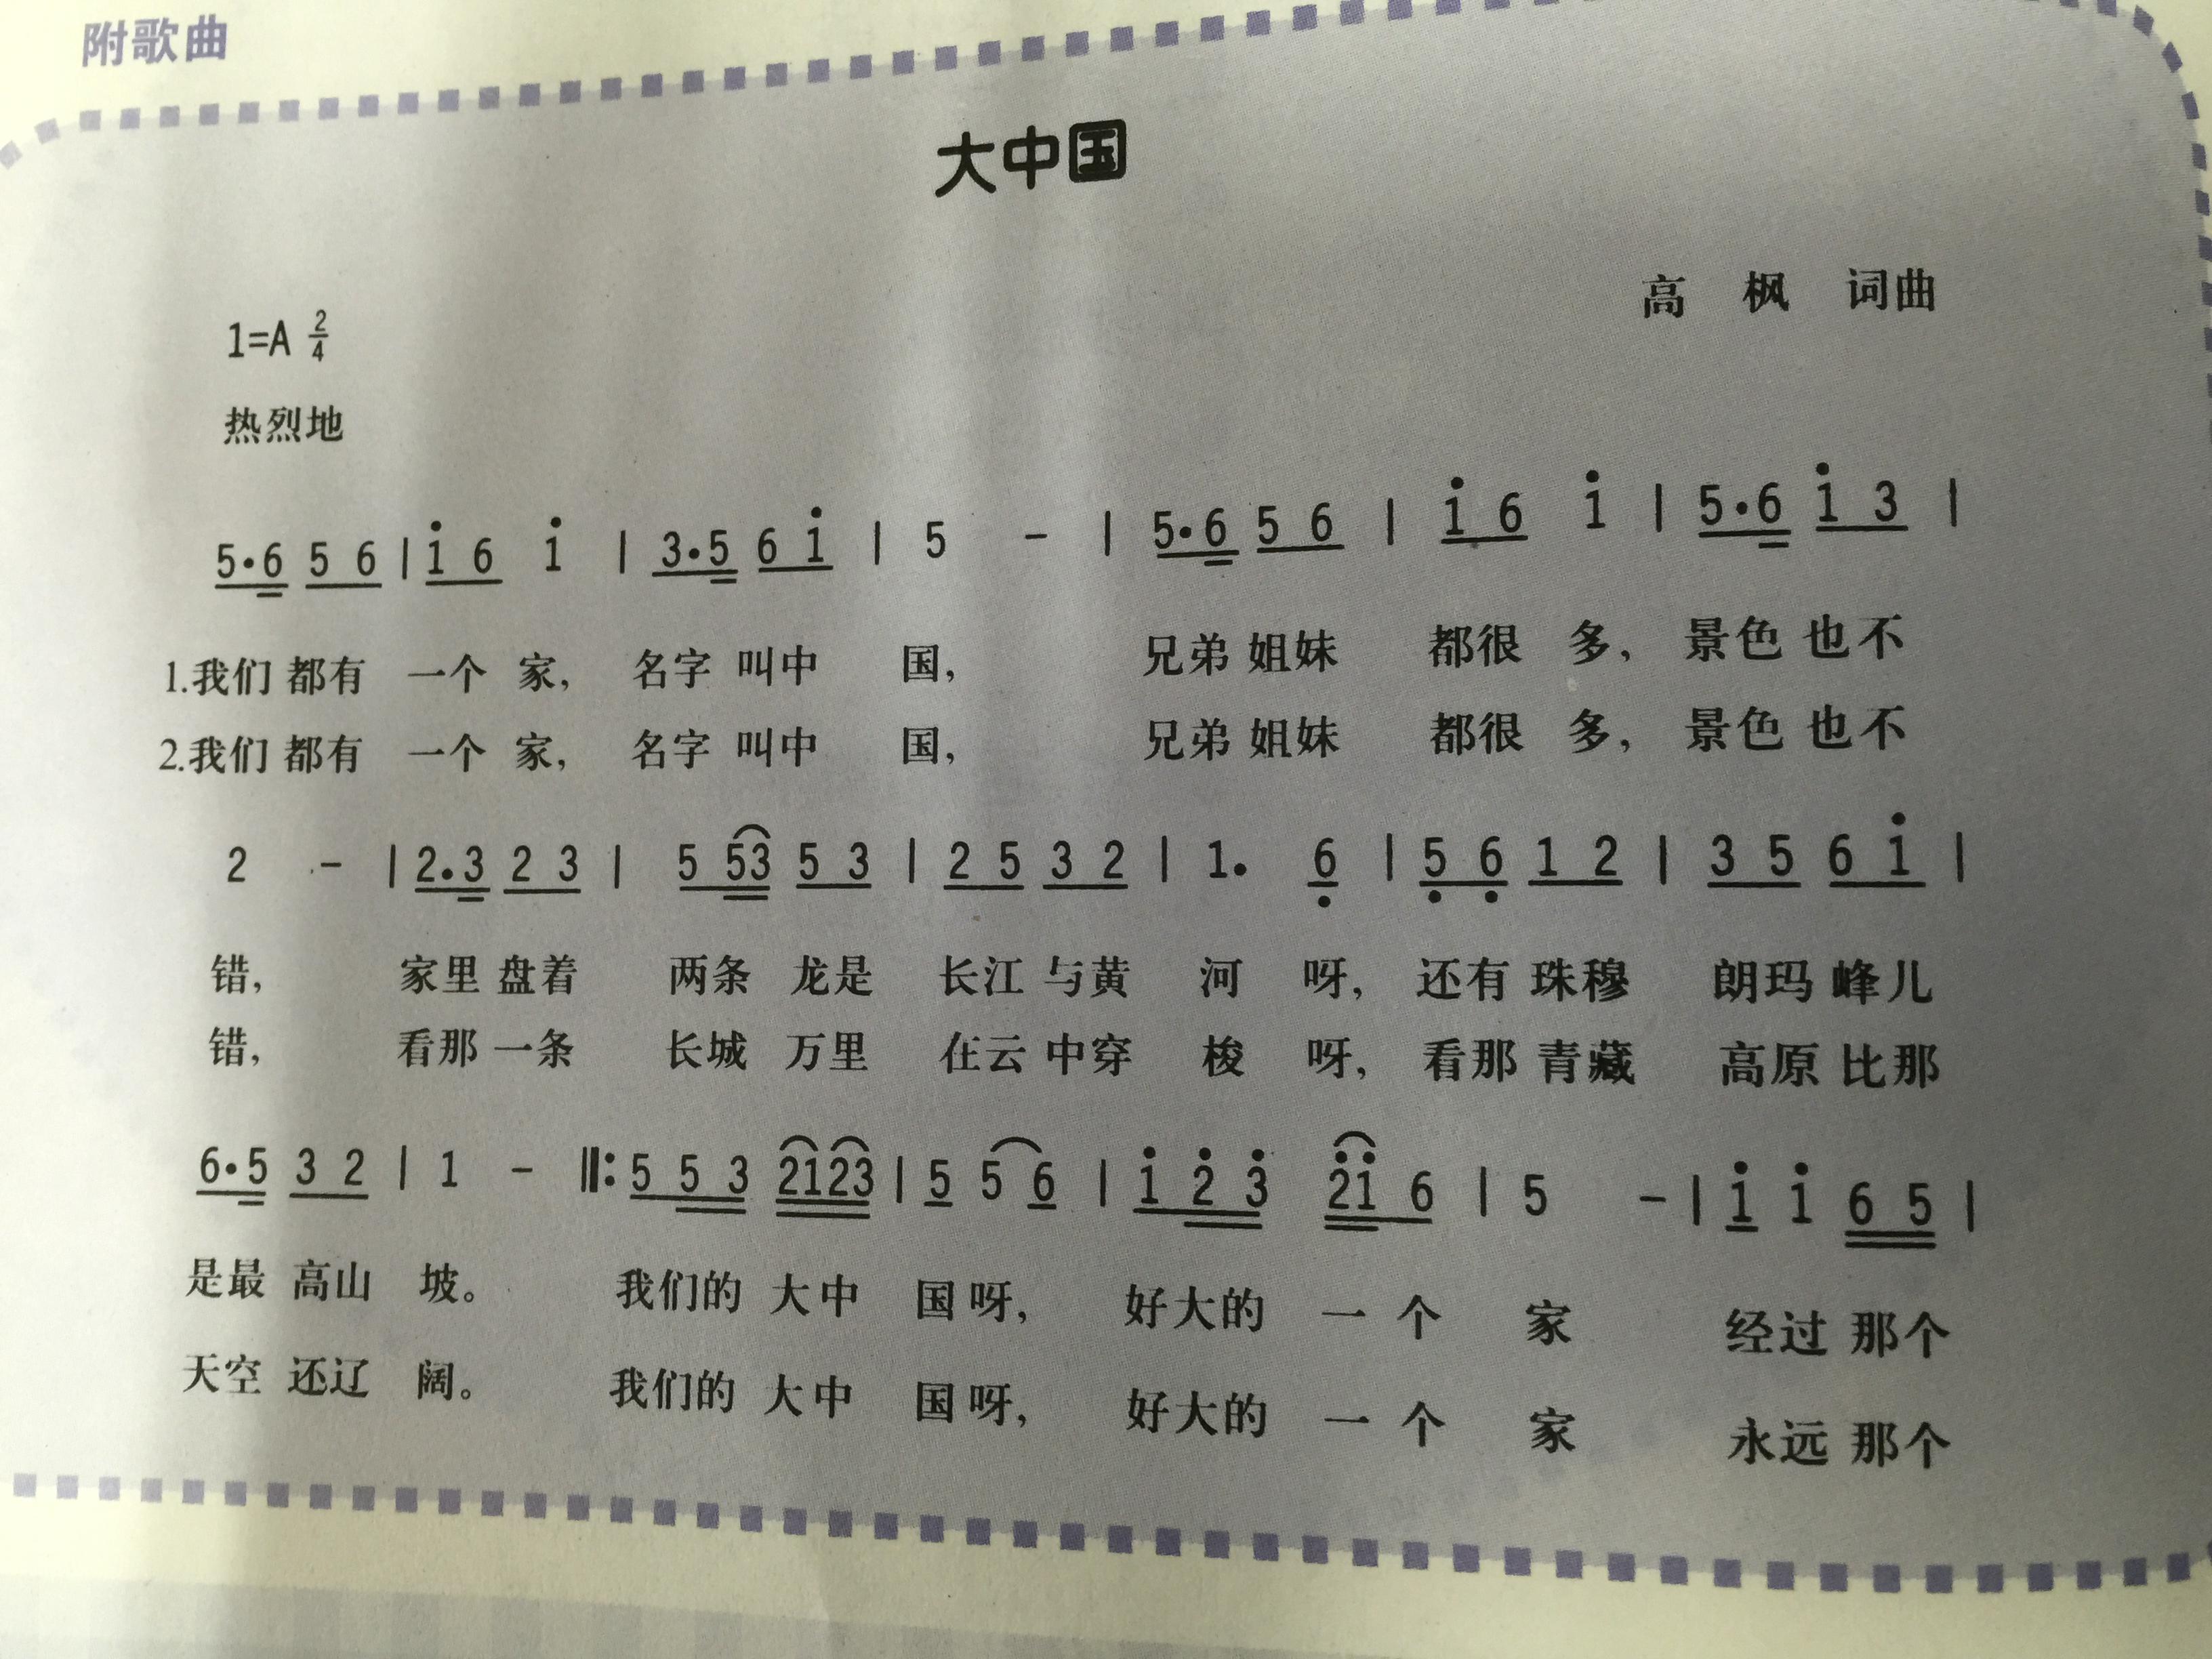 园所主页 中四班 宝贝小课堂  歌曲:大中国              发布时间图片